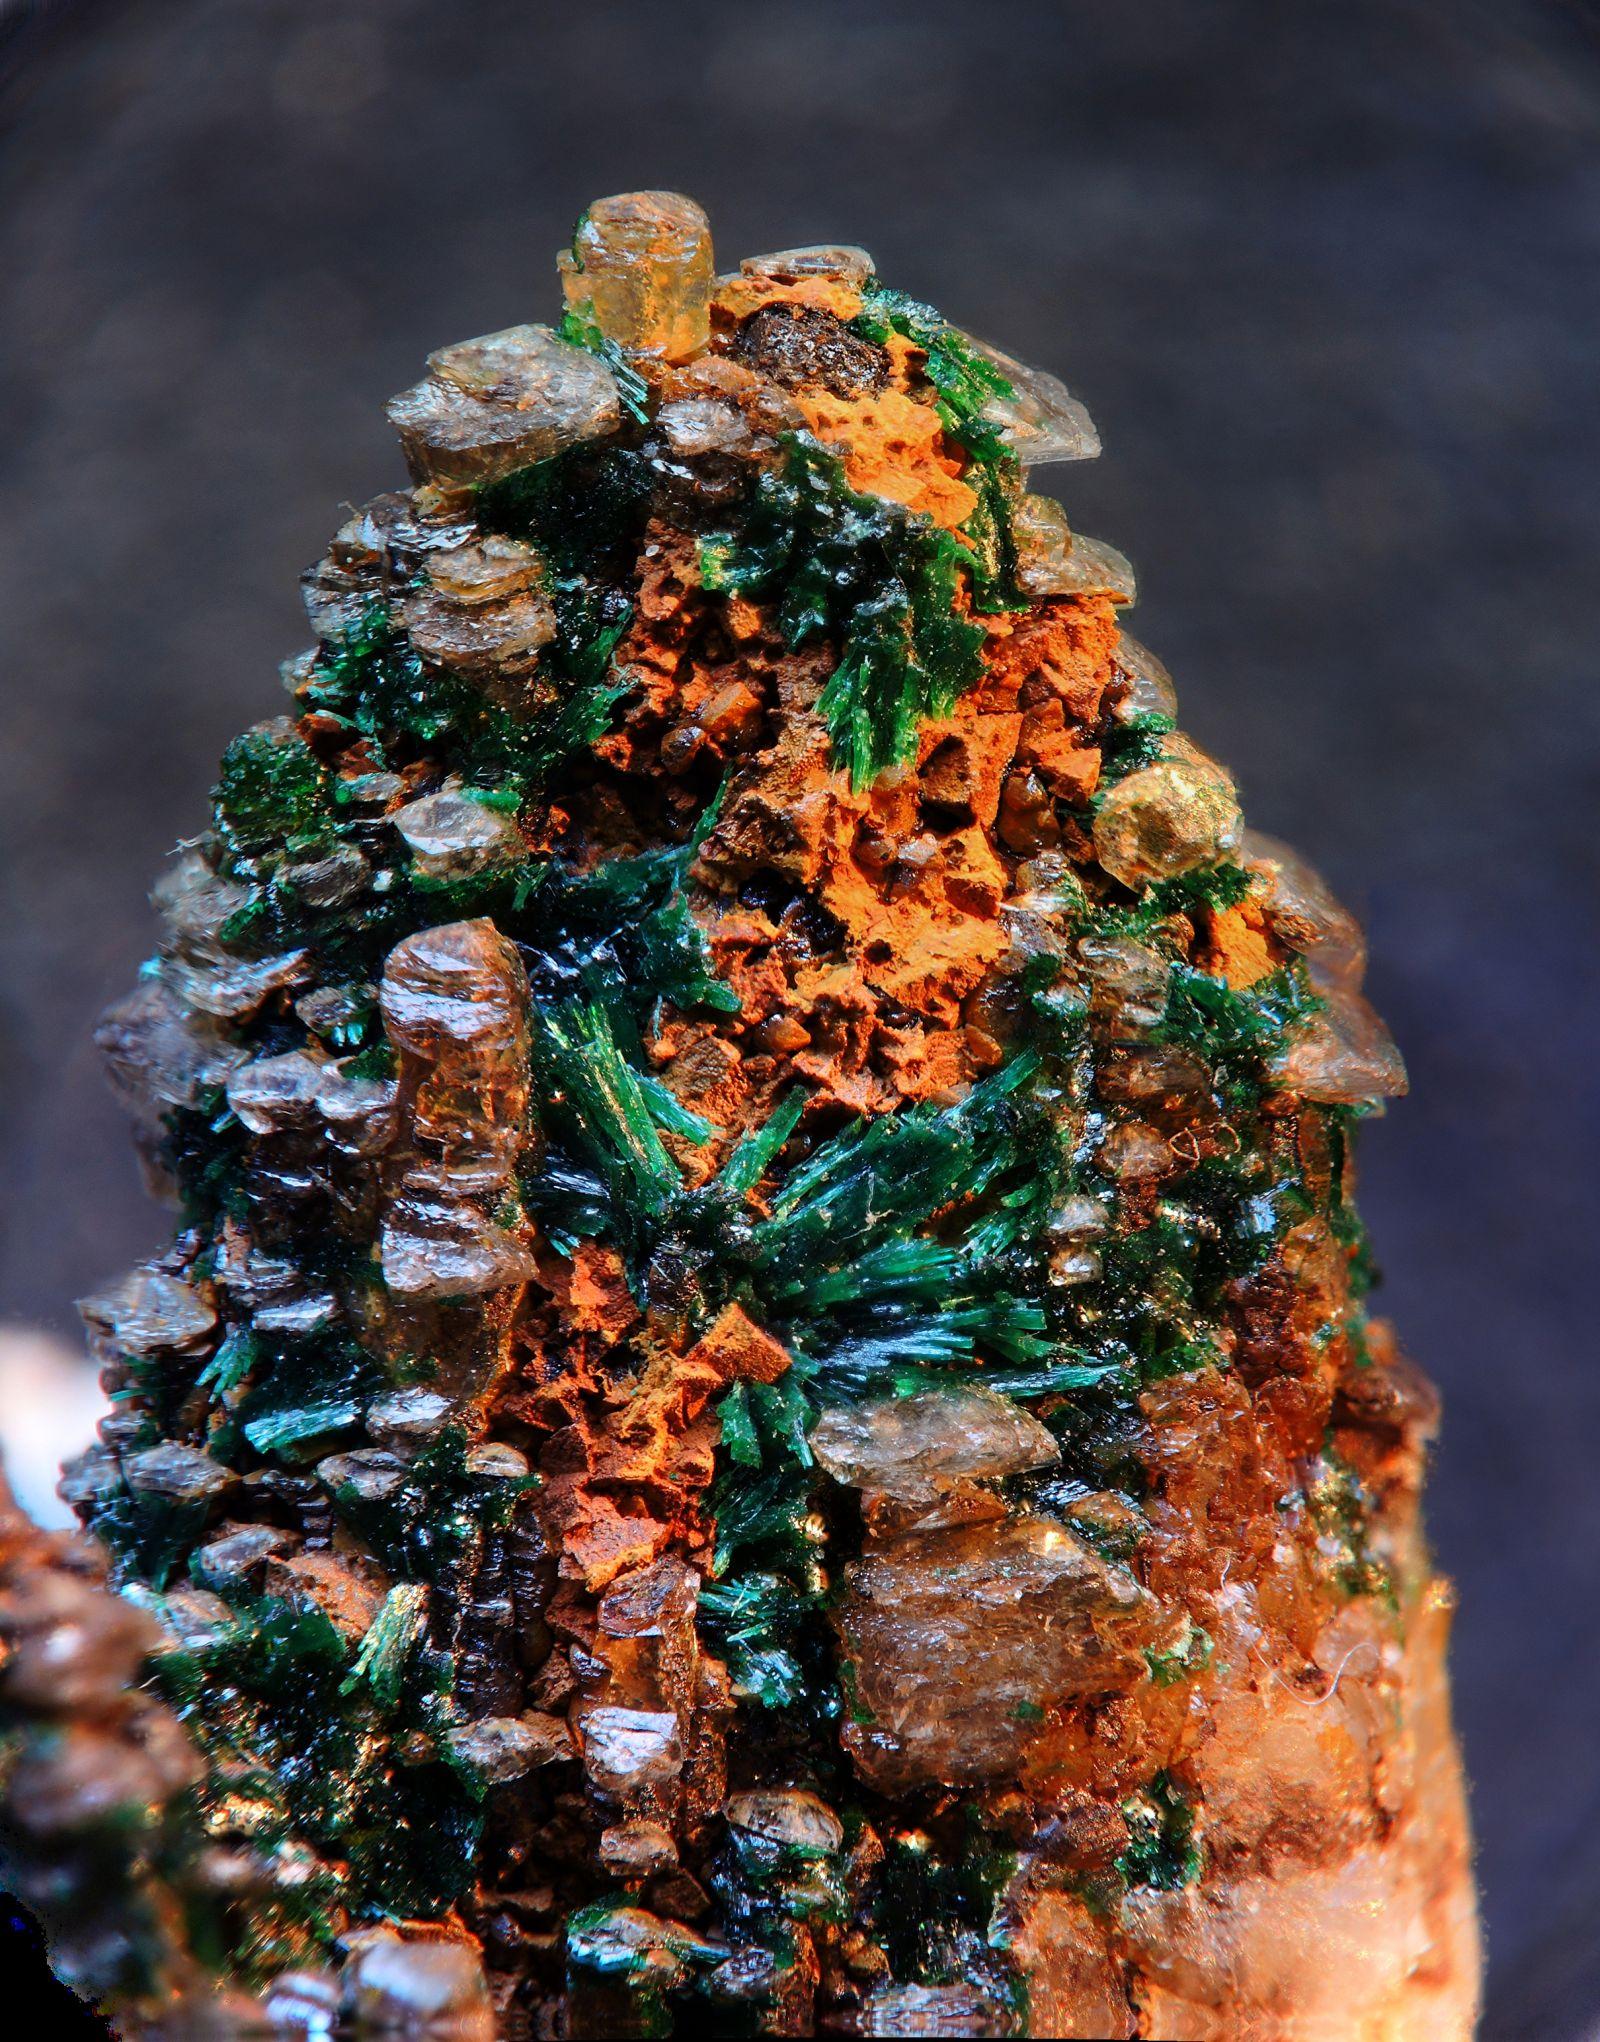 Malachite, Calcite